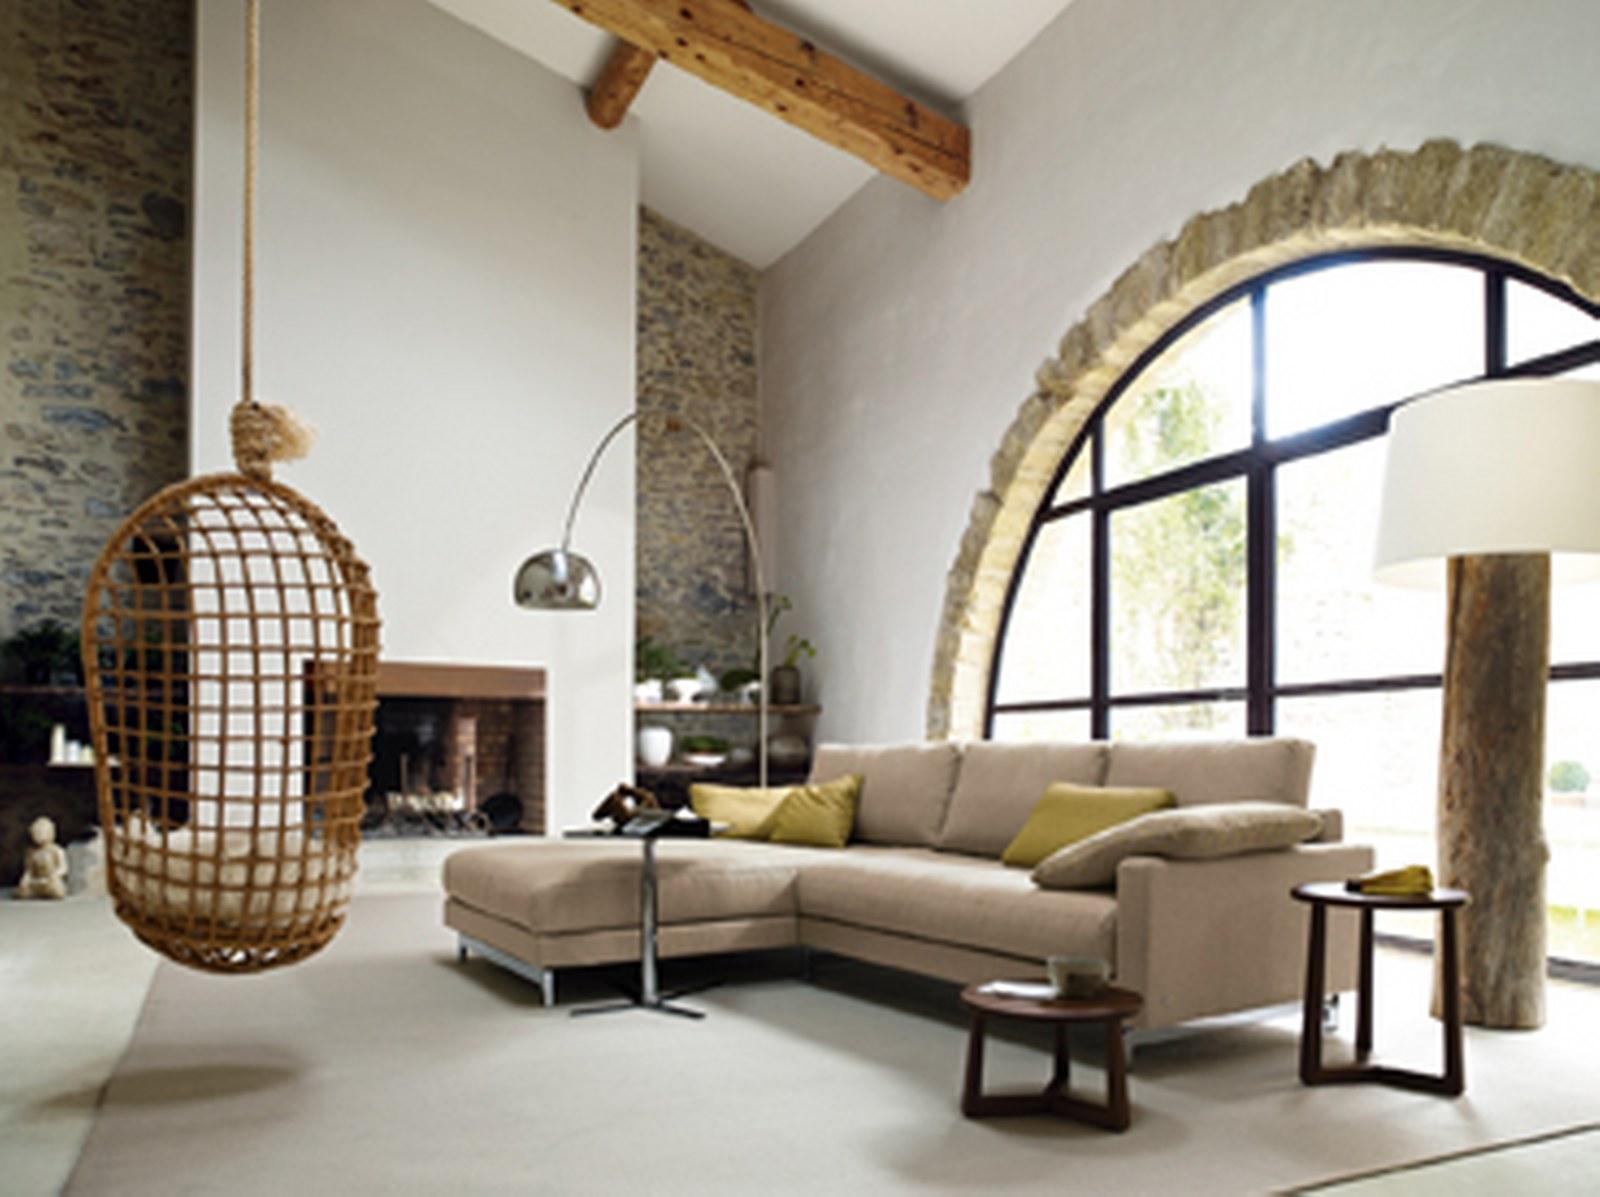 rolf benz couch h ls die einrichtung. Black Bedroom Furniture Sets. Home Design Ideas